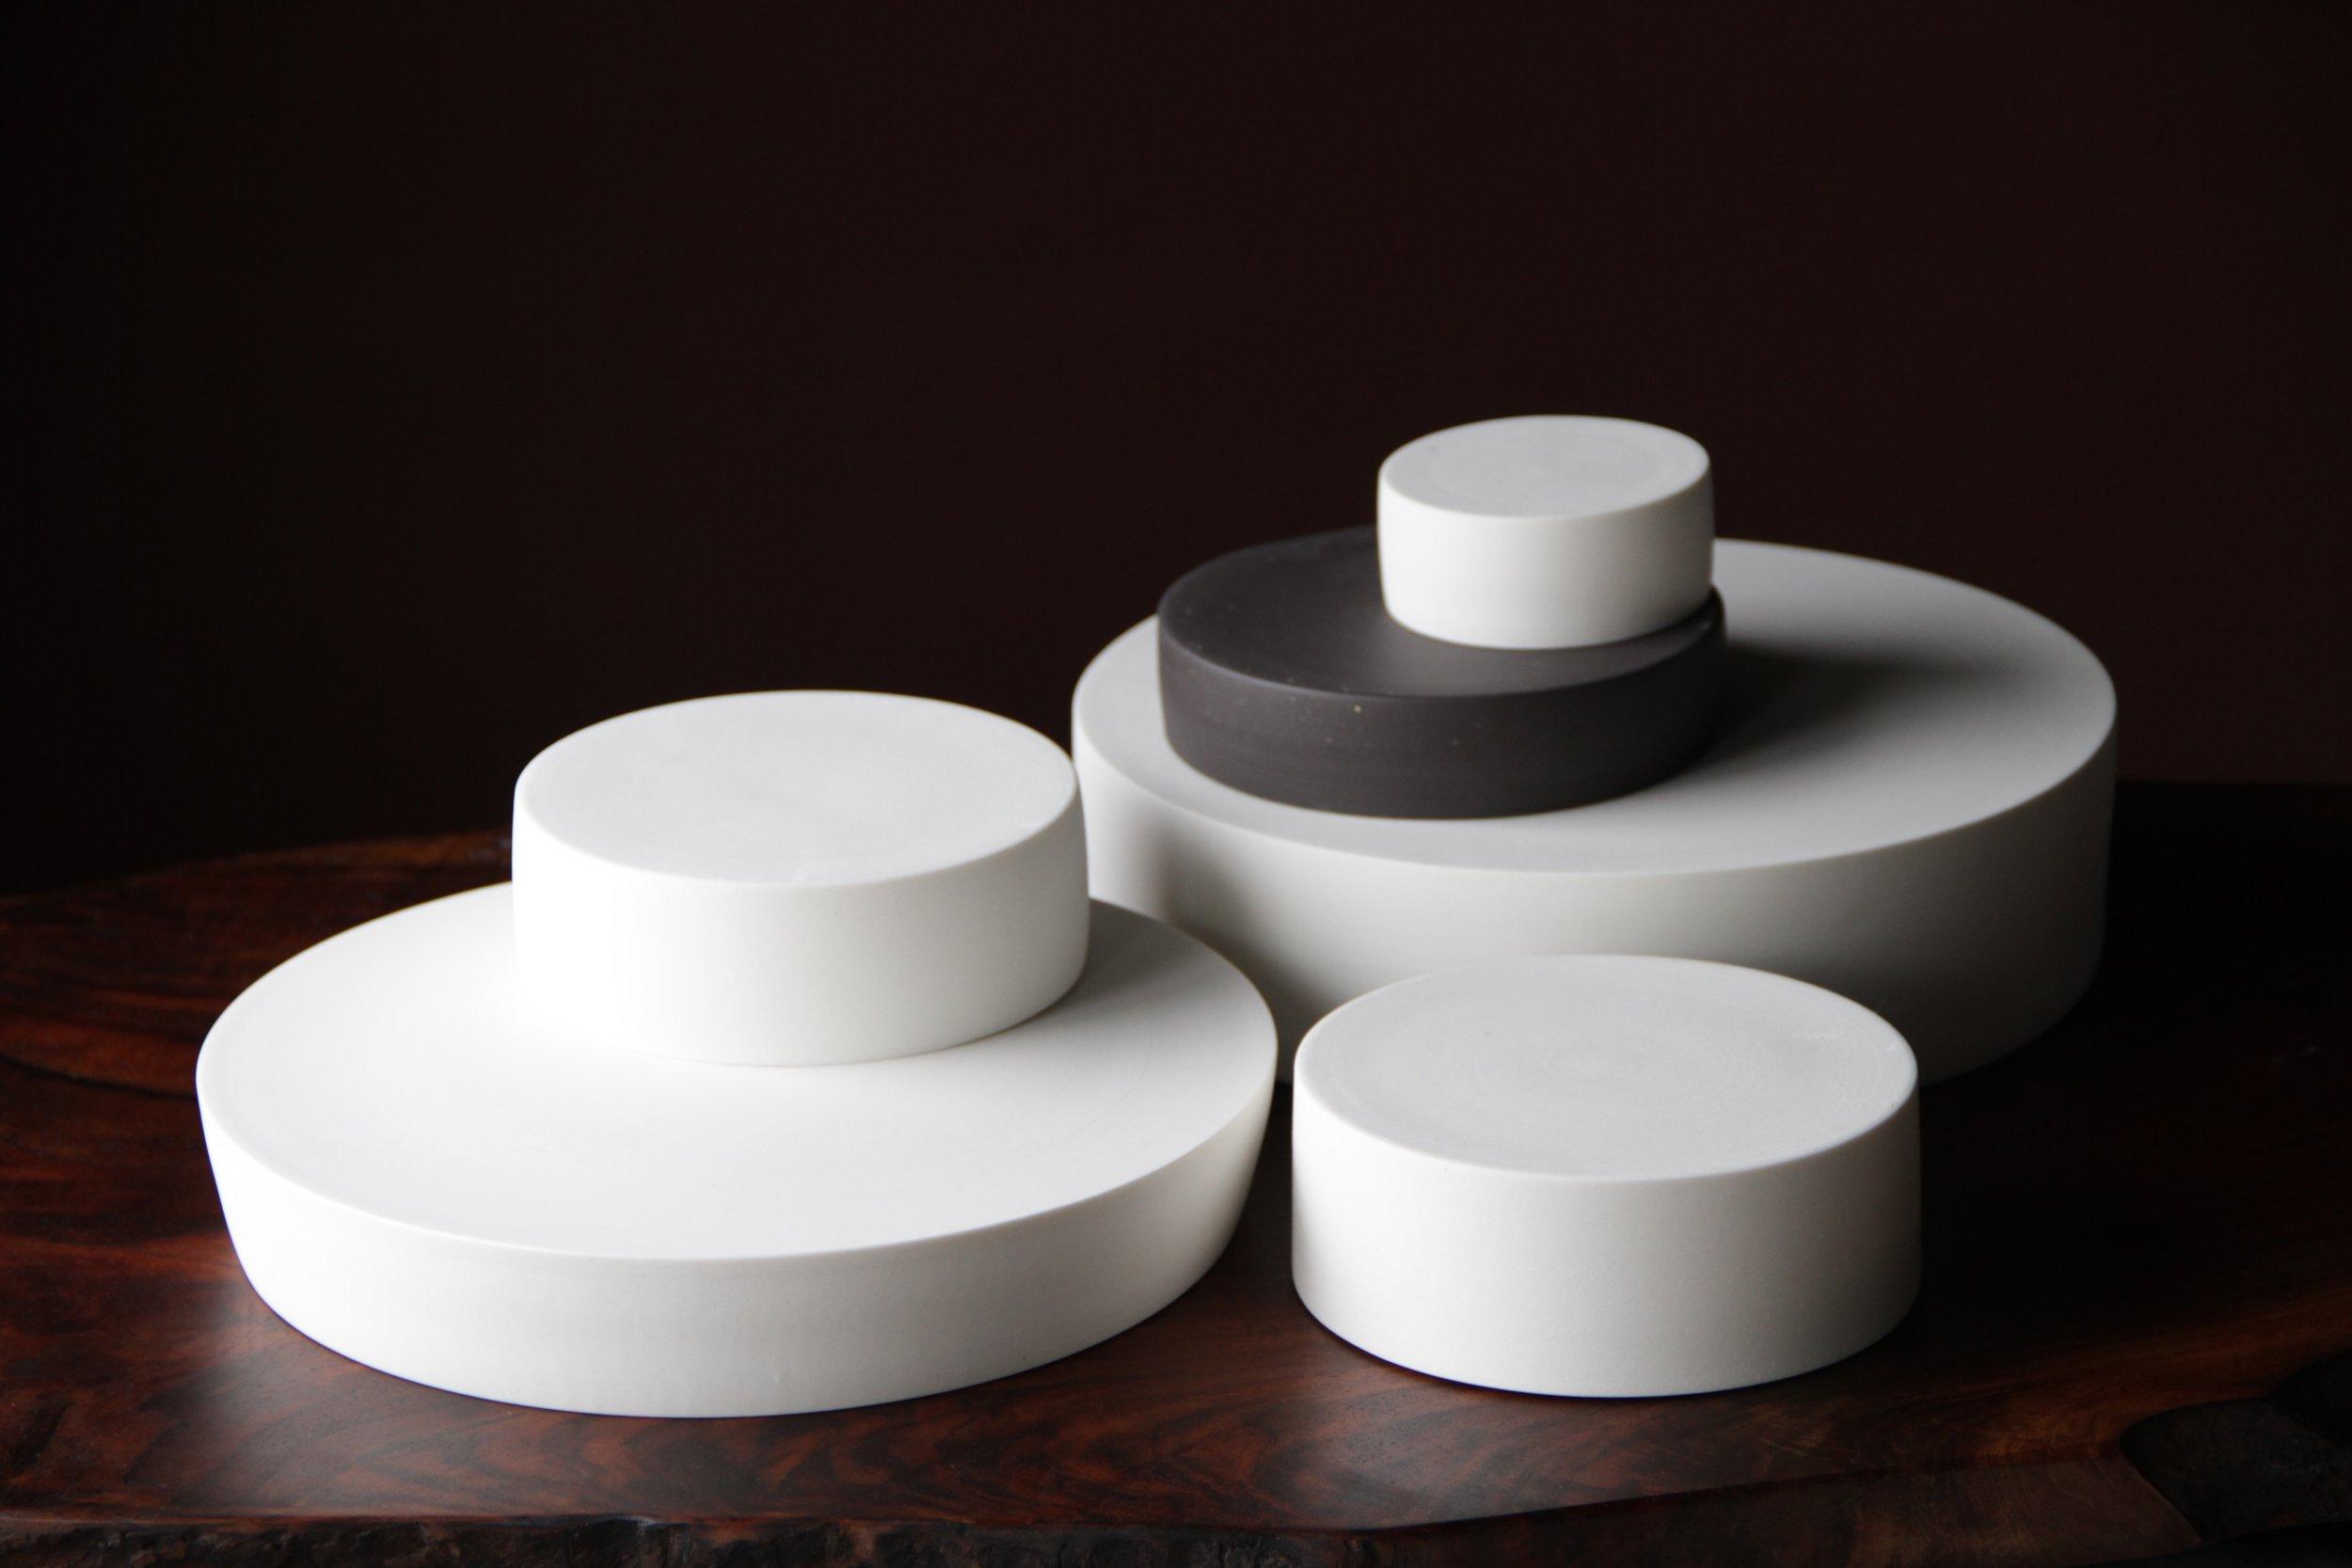 Ceramic pedestals by Lilith Rockett, Portland, Oregon